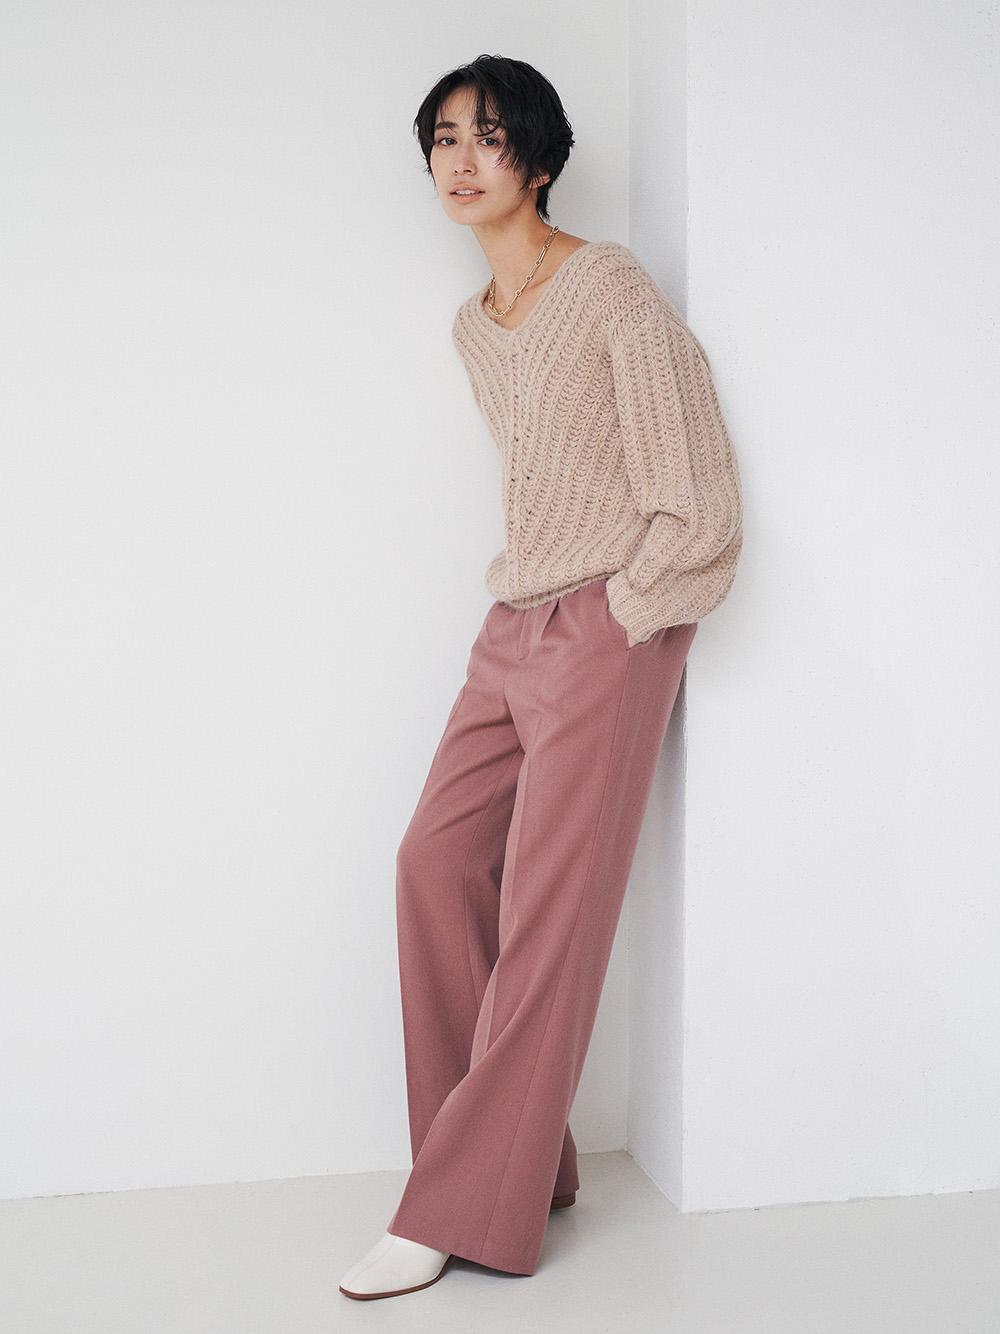 羊毛法蘭絨喇叭褲